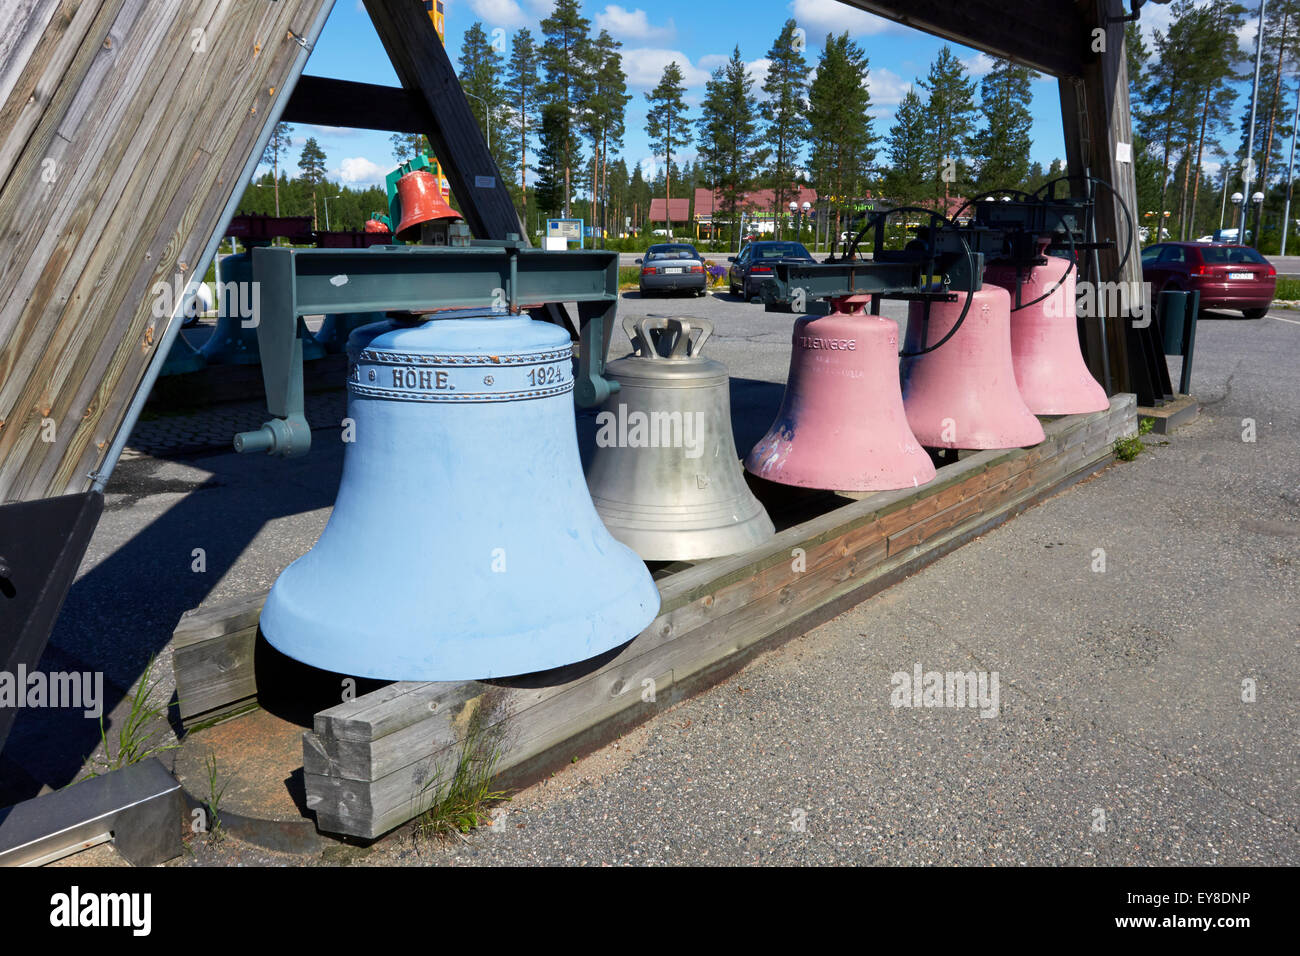 Old church bells on display, Vaskikello Pyhäjärvi Finland - Stock Image